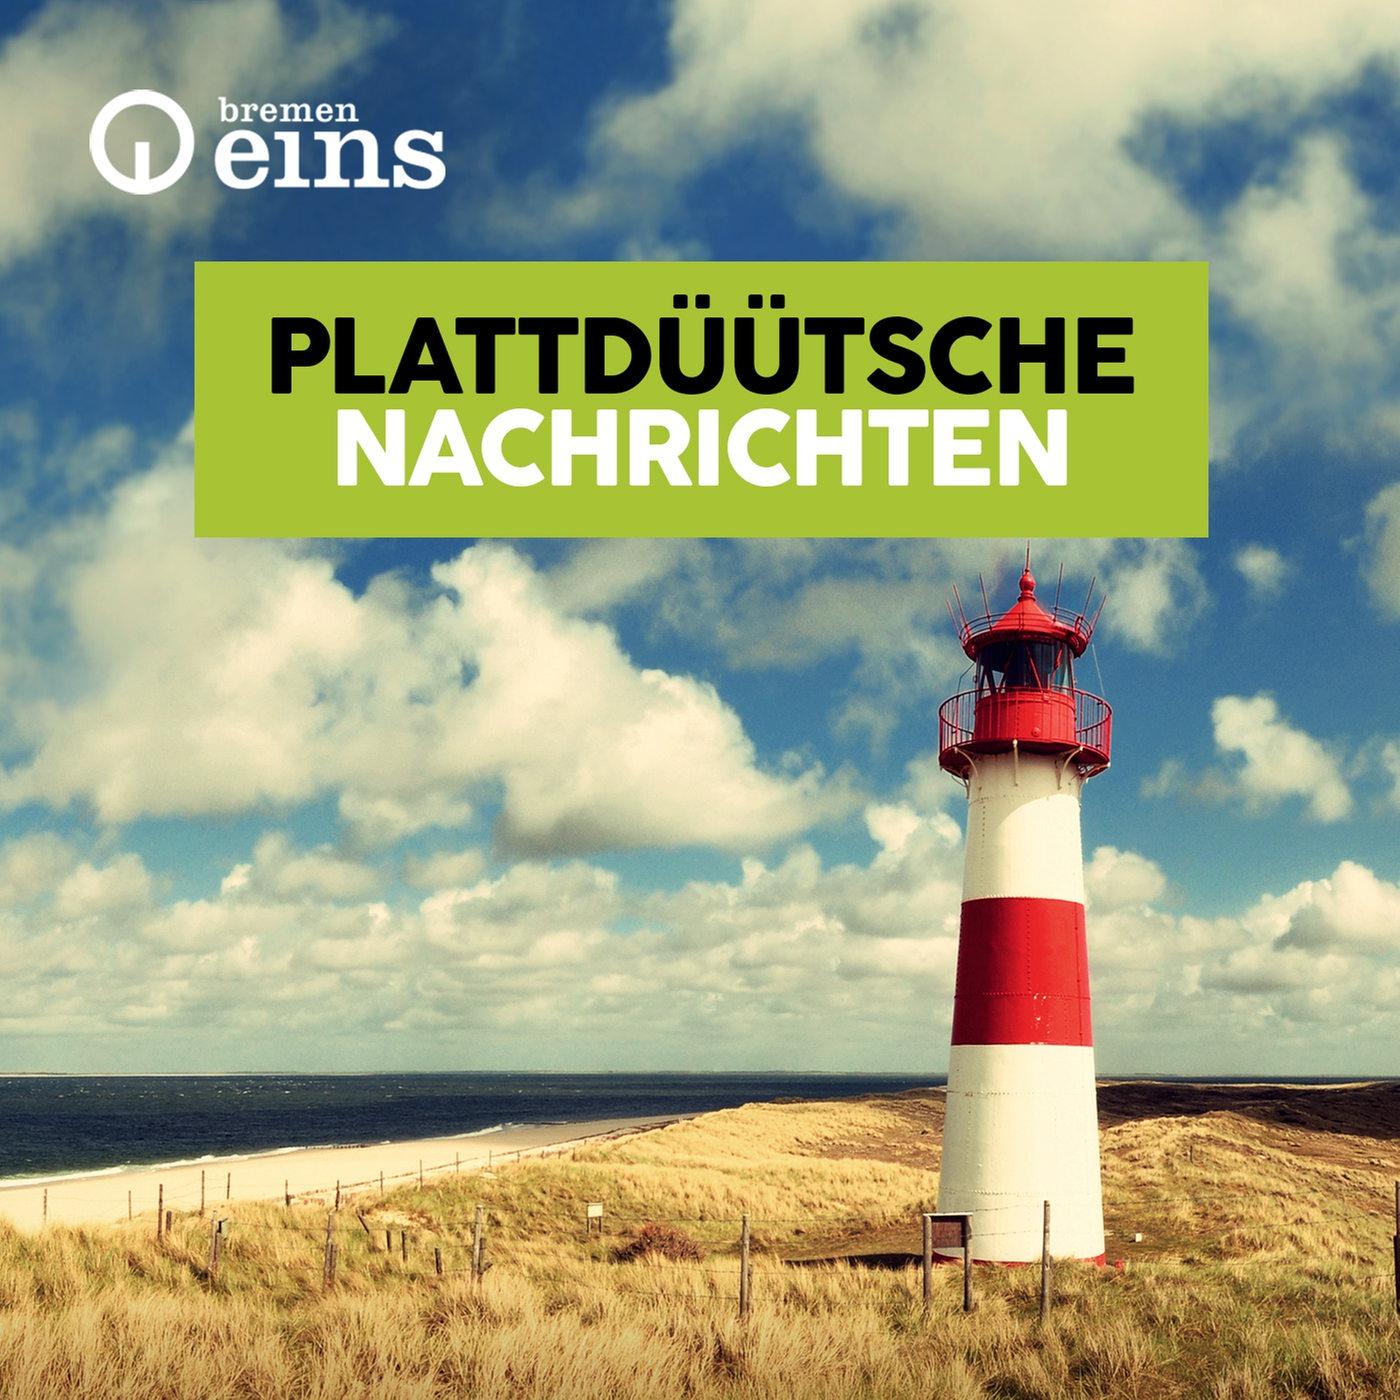 Plattdeutsche Nachrichten